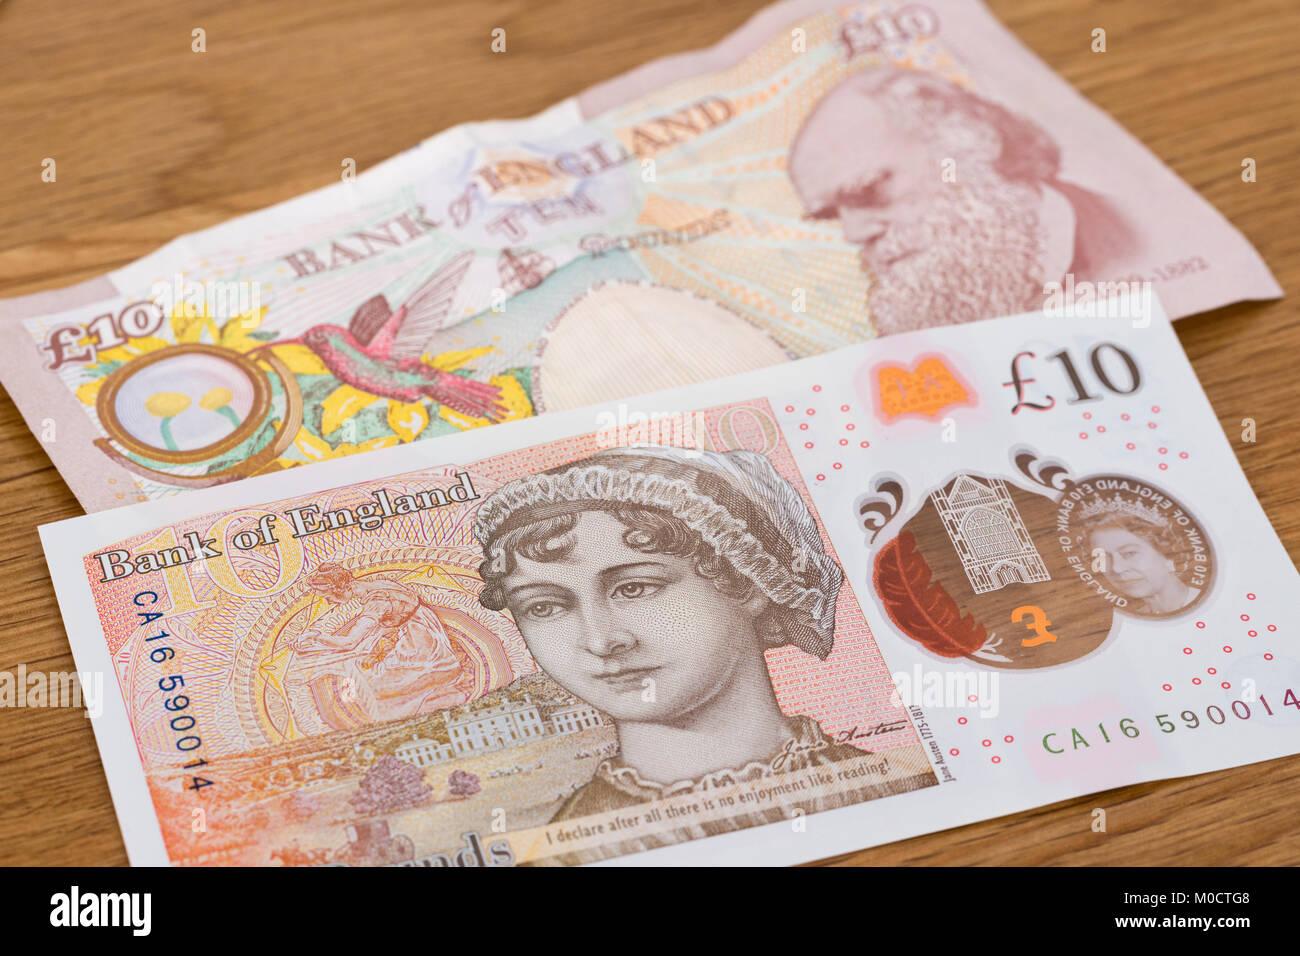 Una nueva nota de polímero de diez libras con Jane Austen superponer un viejo papel de diez libras nota con Imagen De Stock